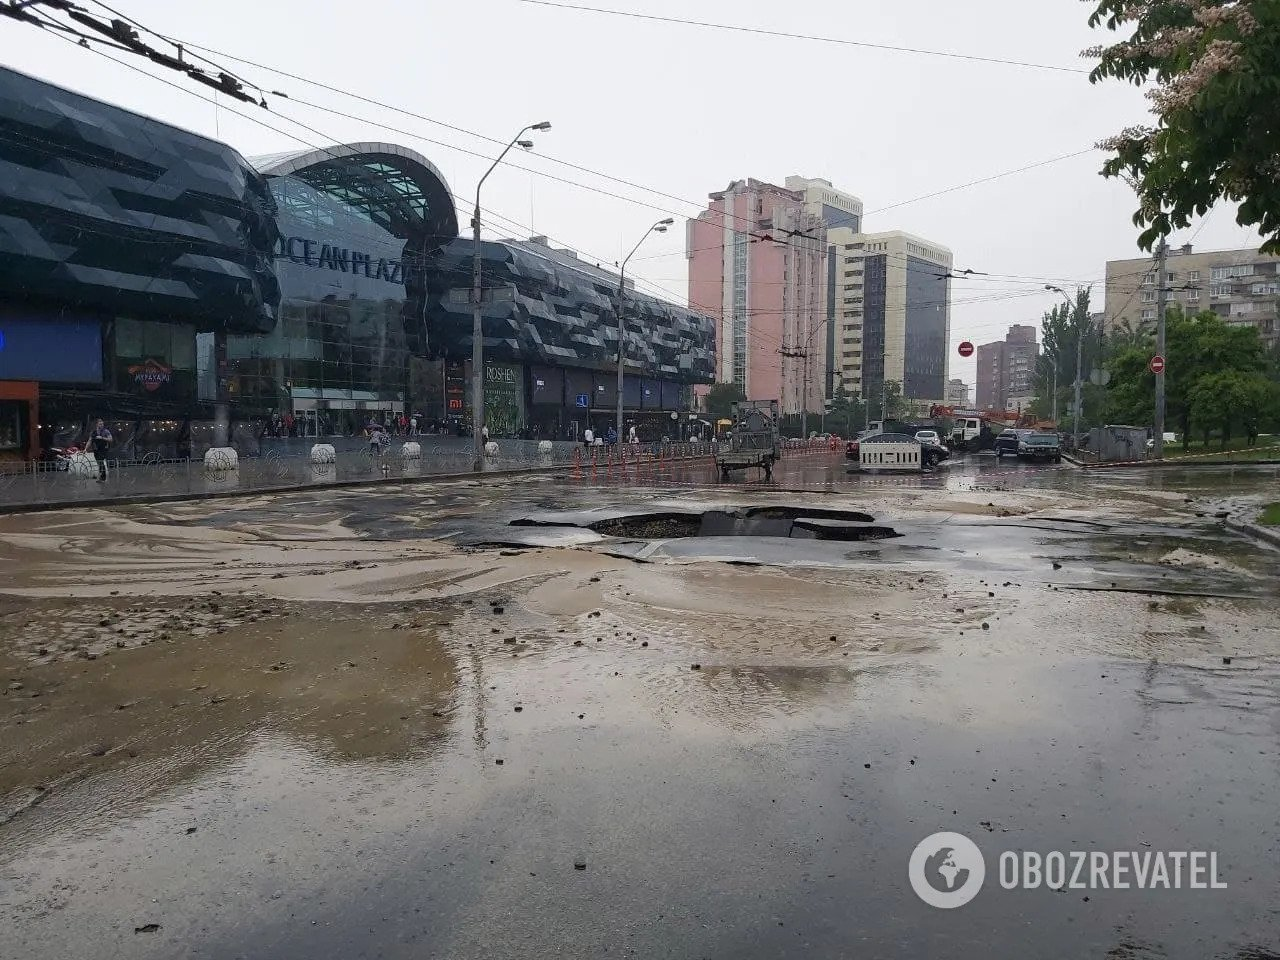 В центре Киева образовался огромный провал: как коммунальщики устраняют последствия ЧП. Фото